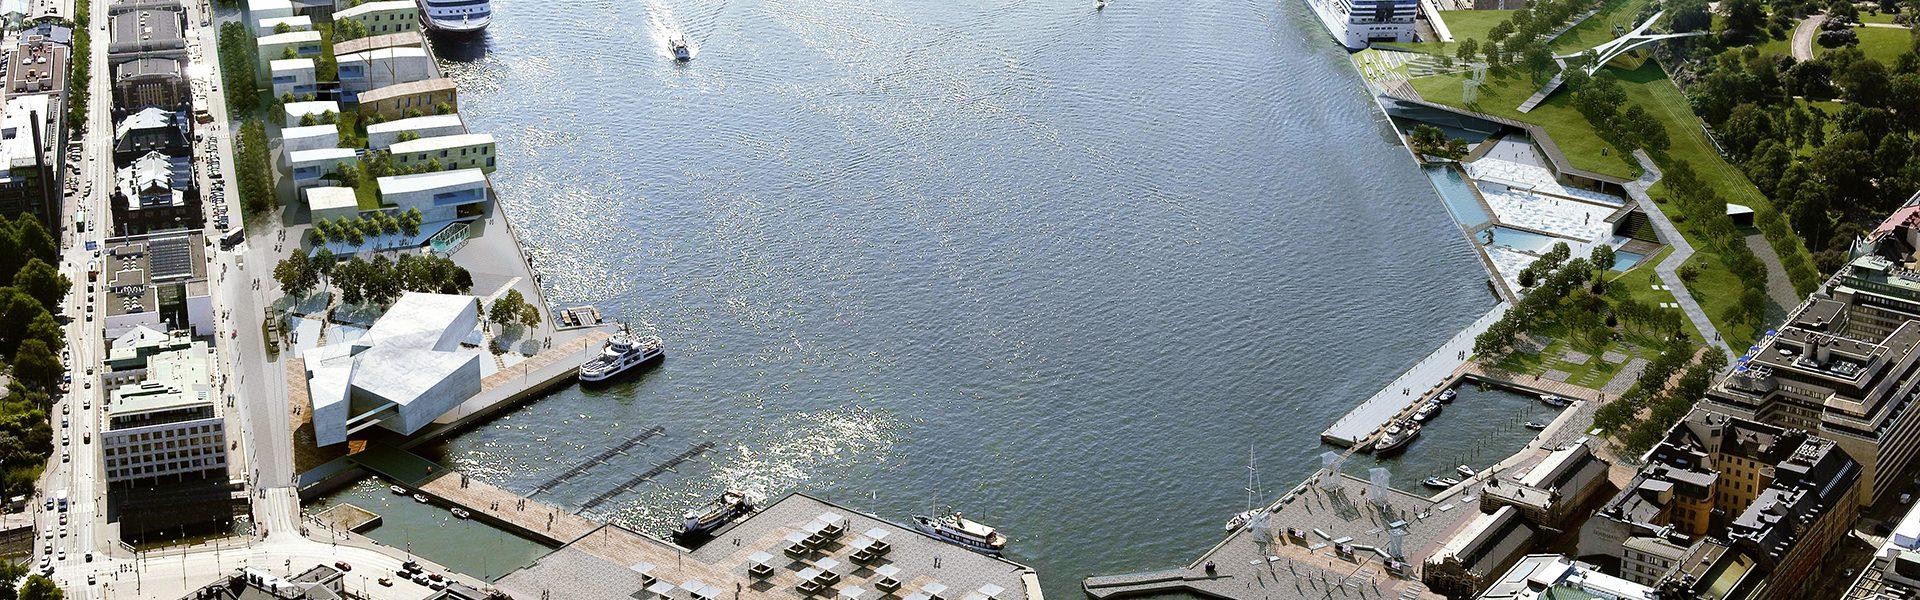 Masterplan jižního přístavu v Helsinkách